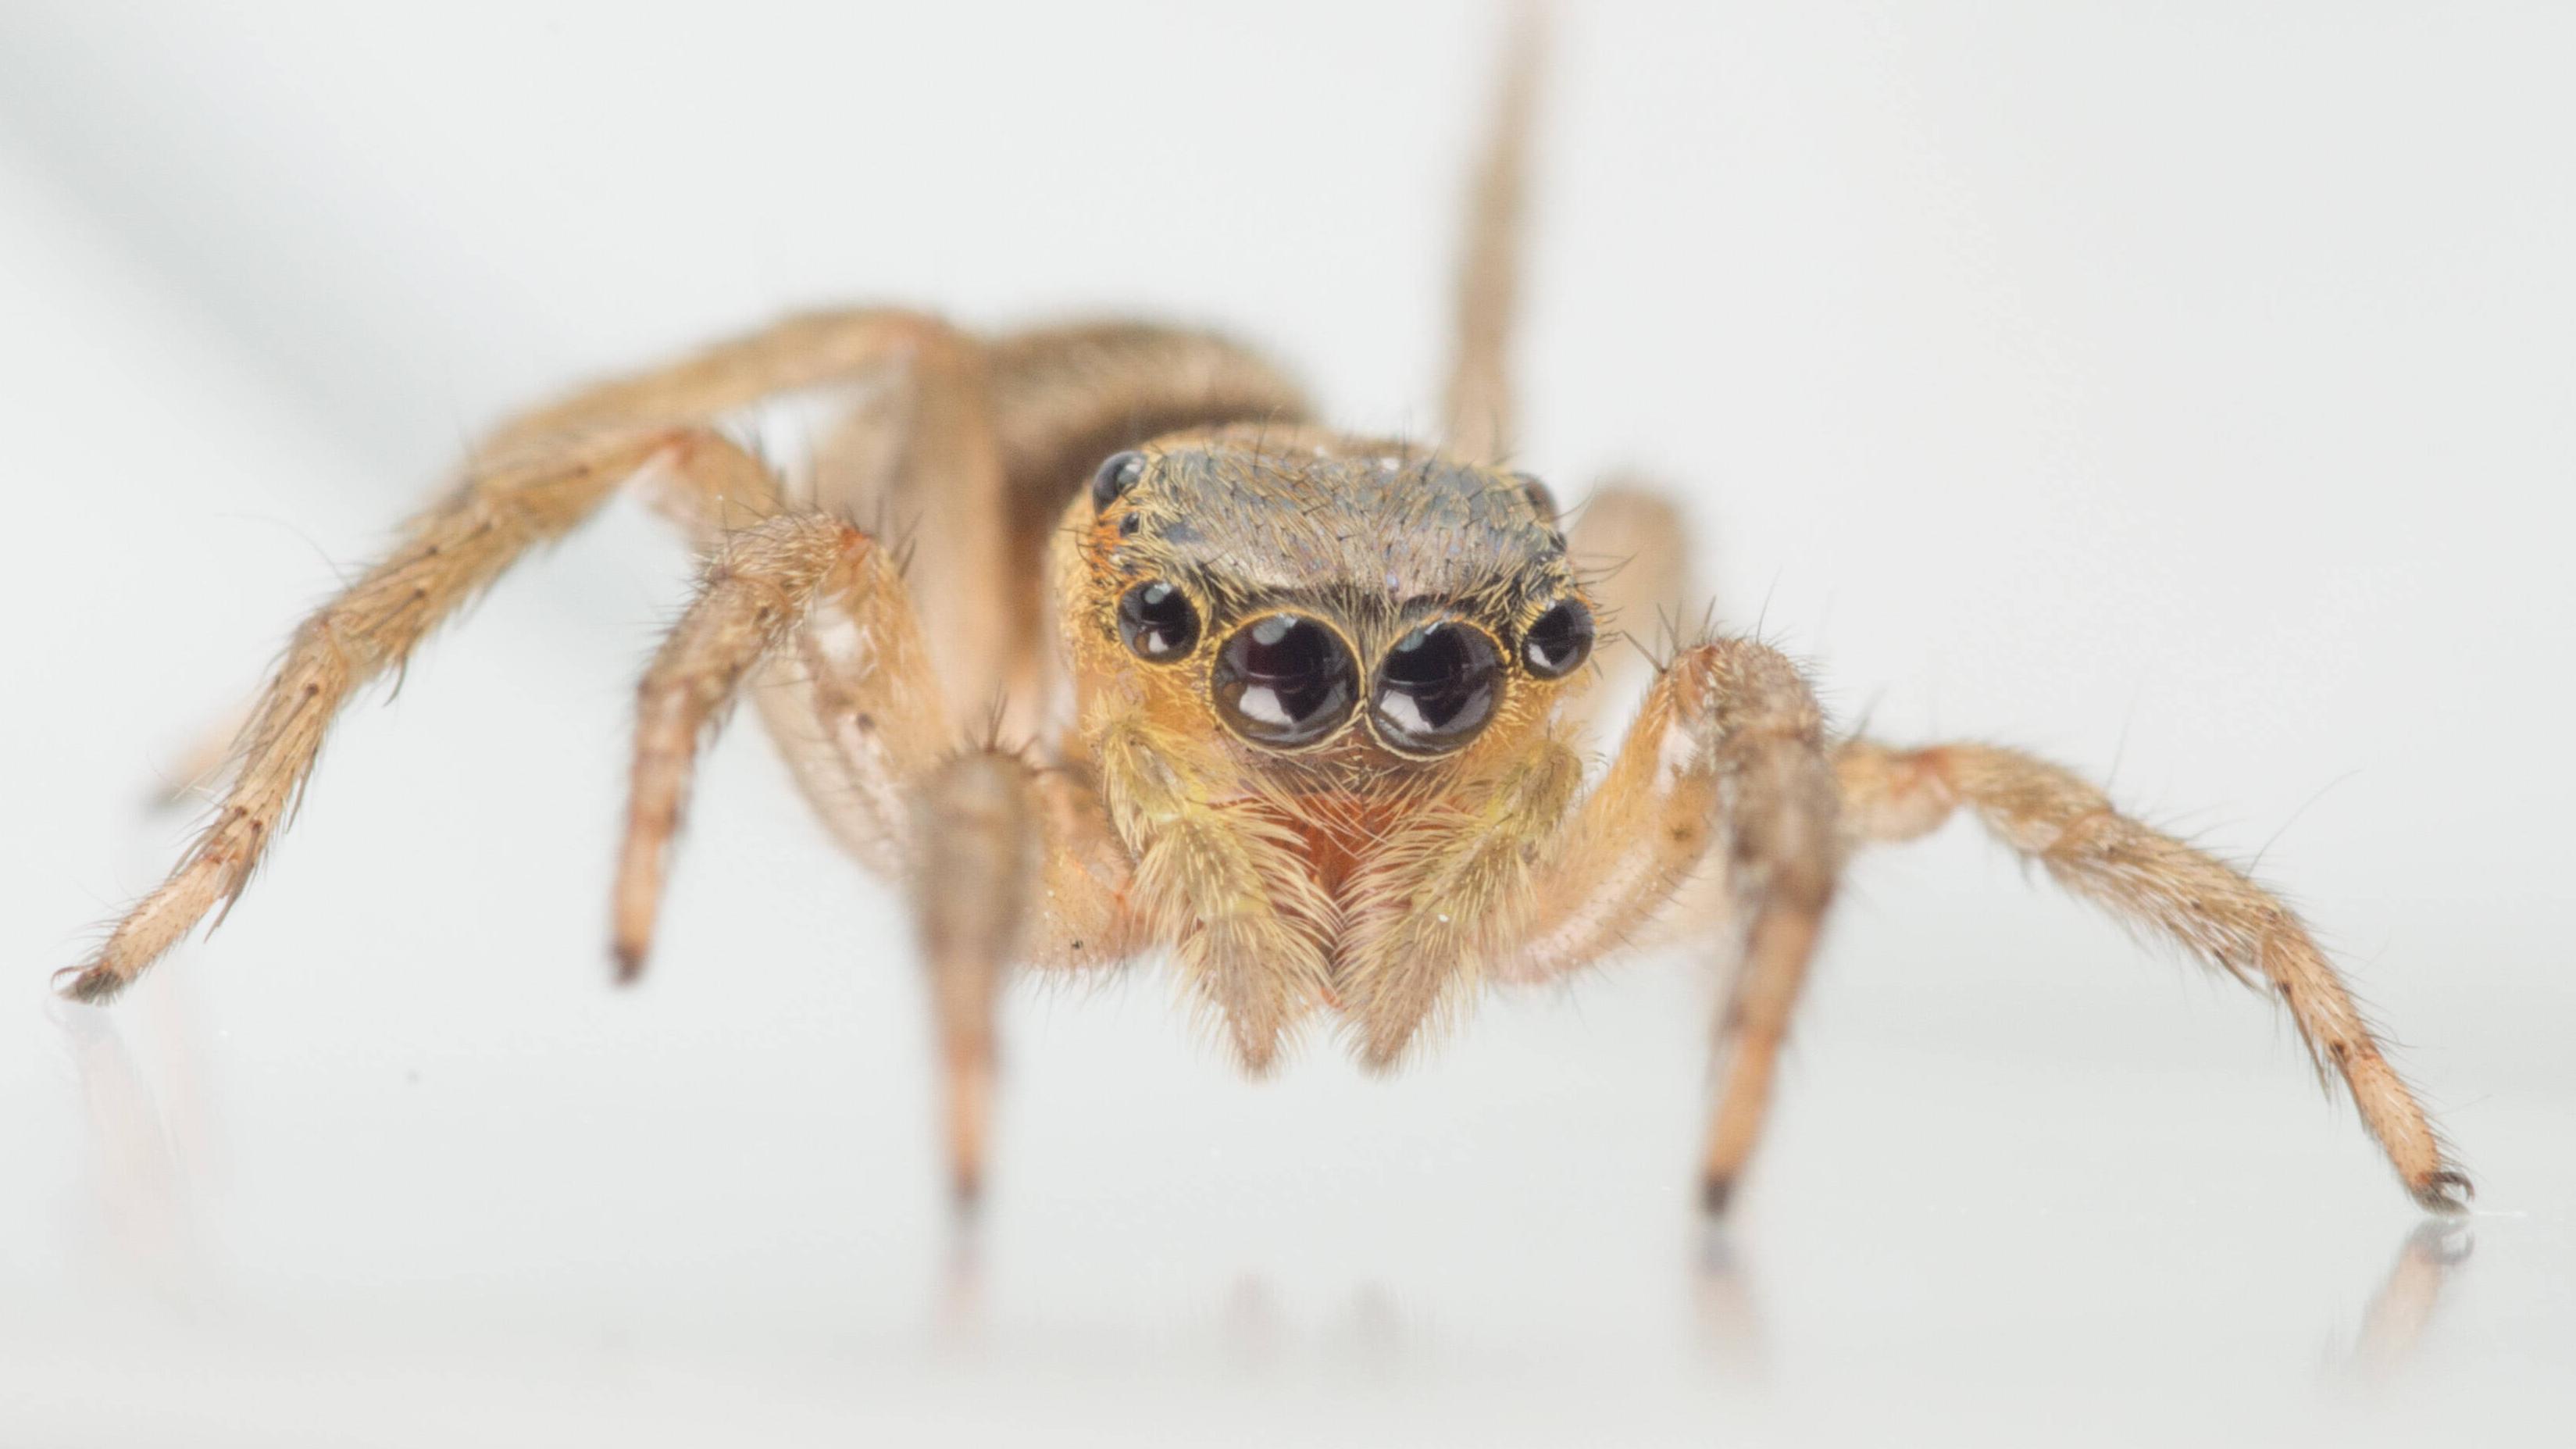 Wie viele Augen haben Spinnen? Einfach erklärt